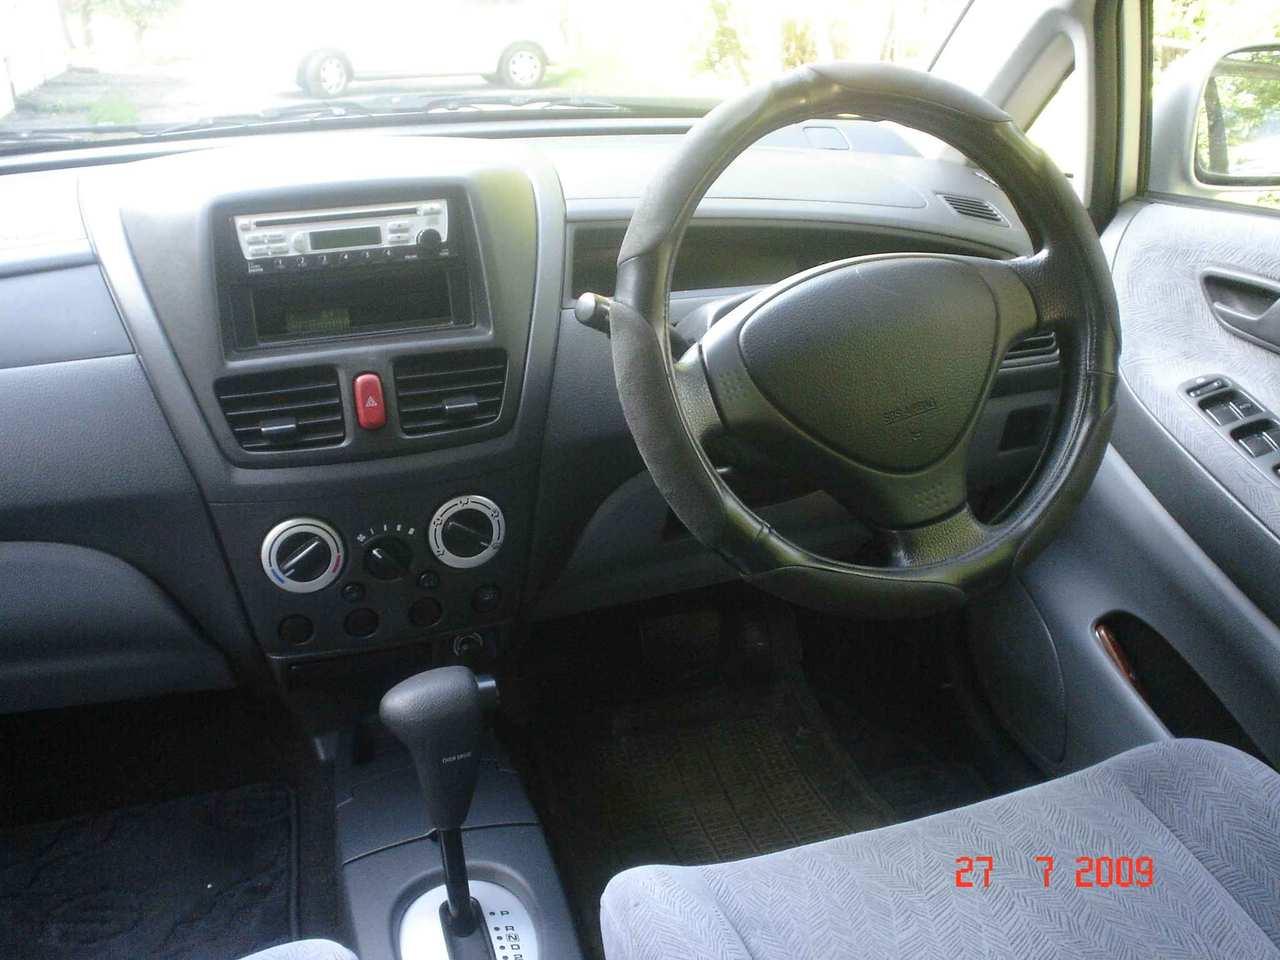 Used 2003 Suzuki Aerio Sedan Photos 1500cc Gasoline FF